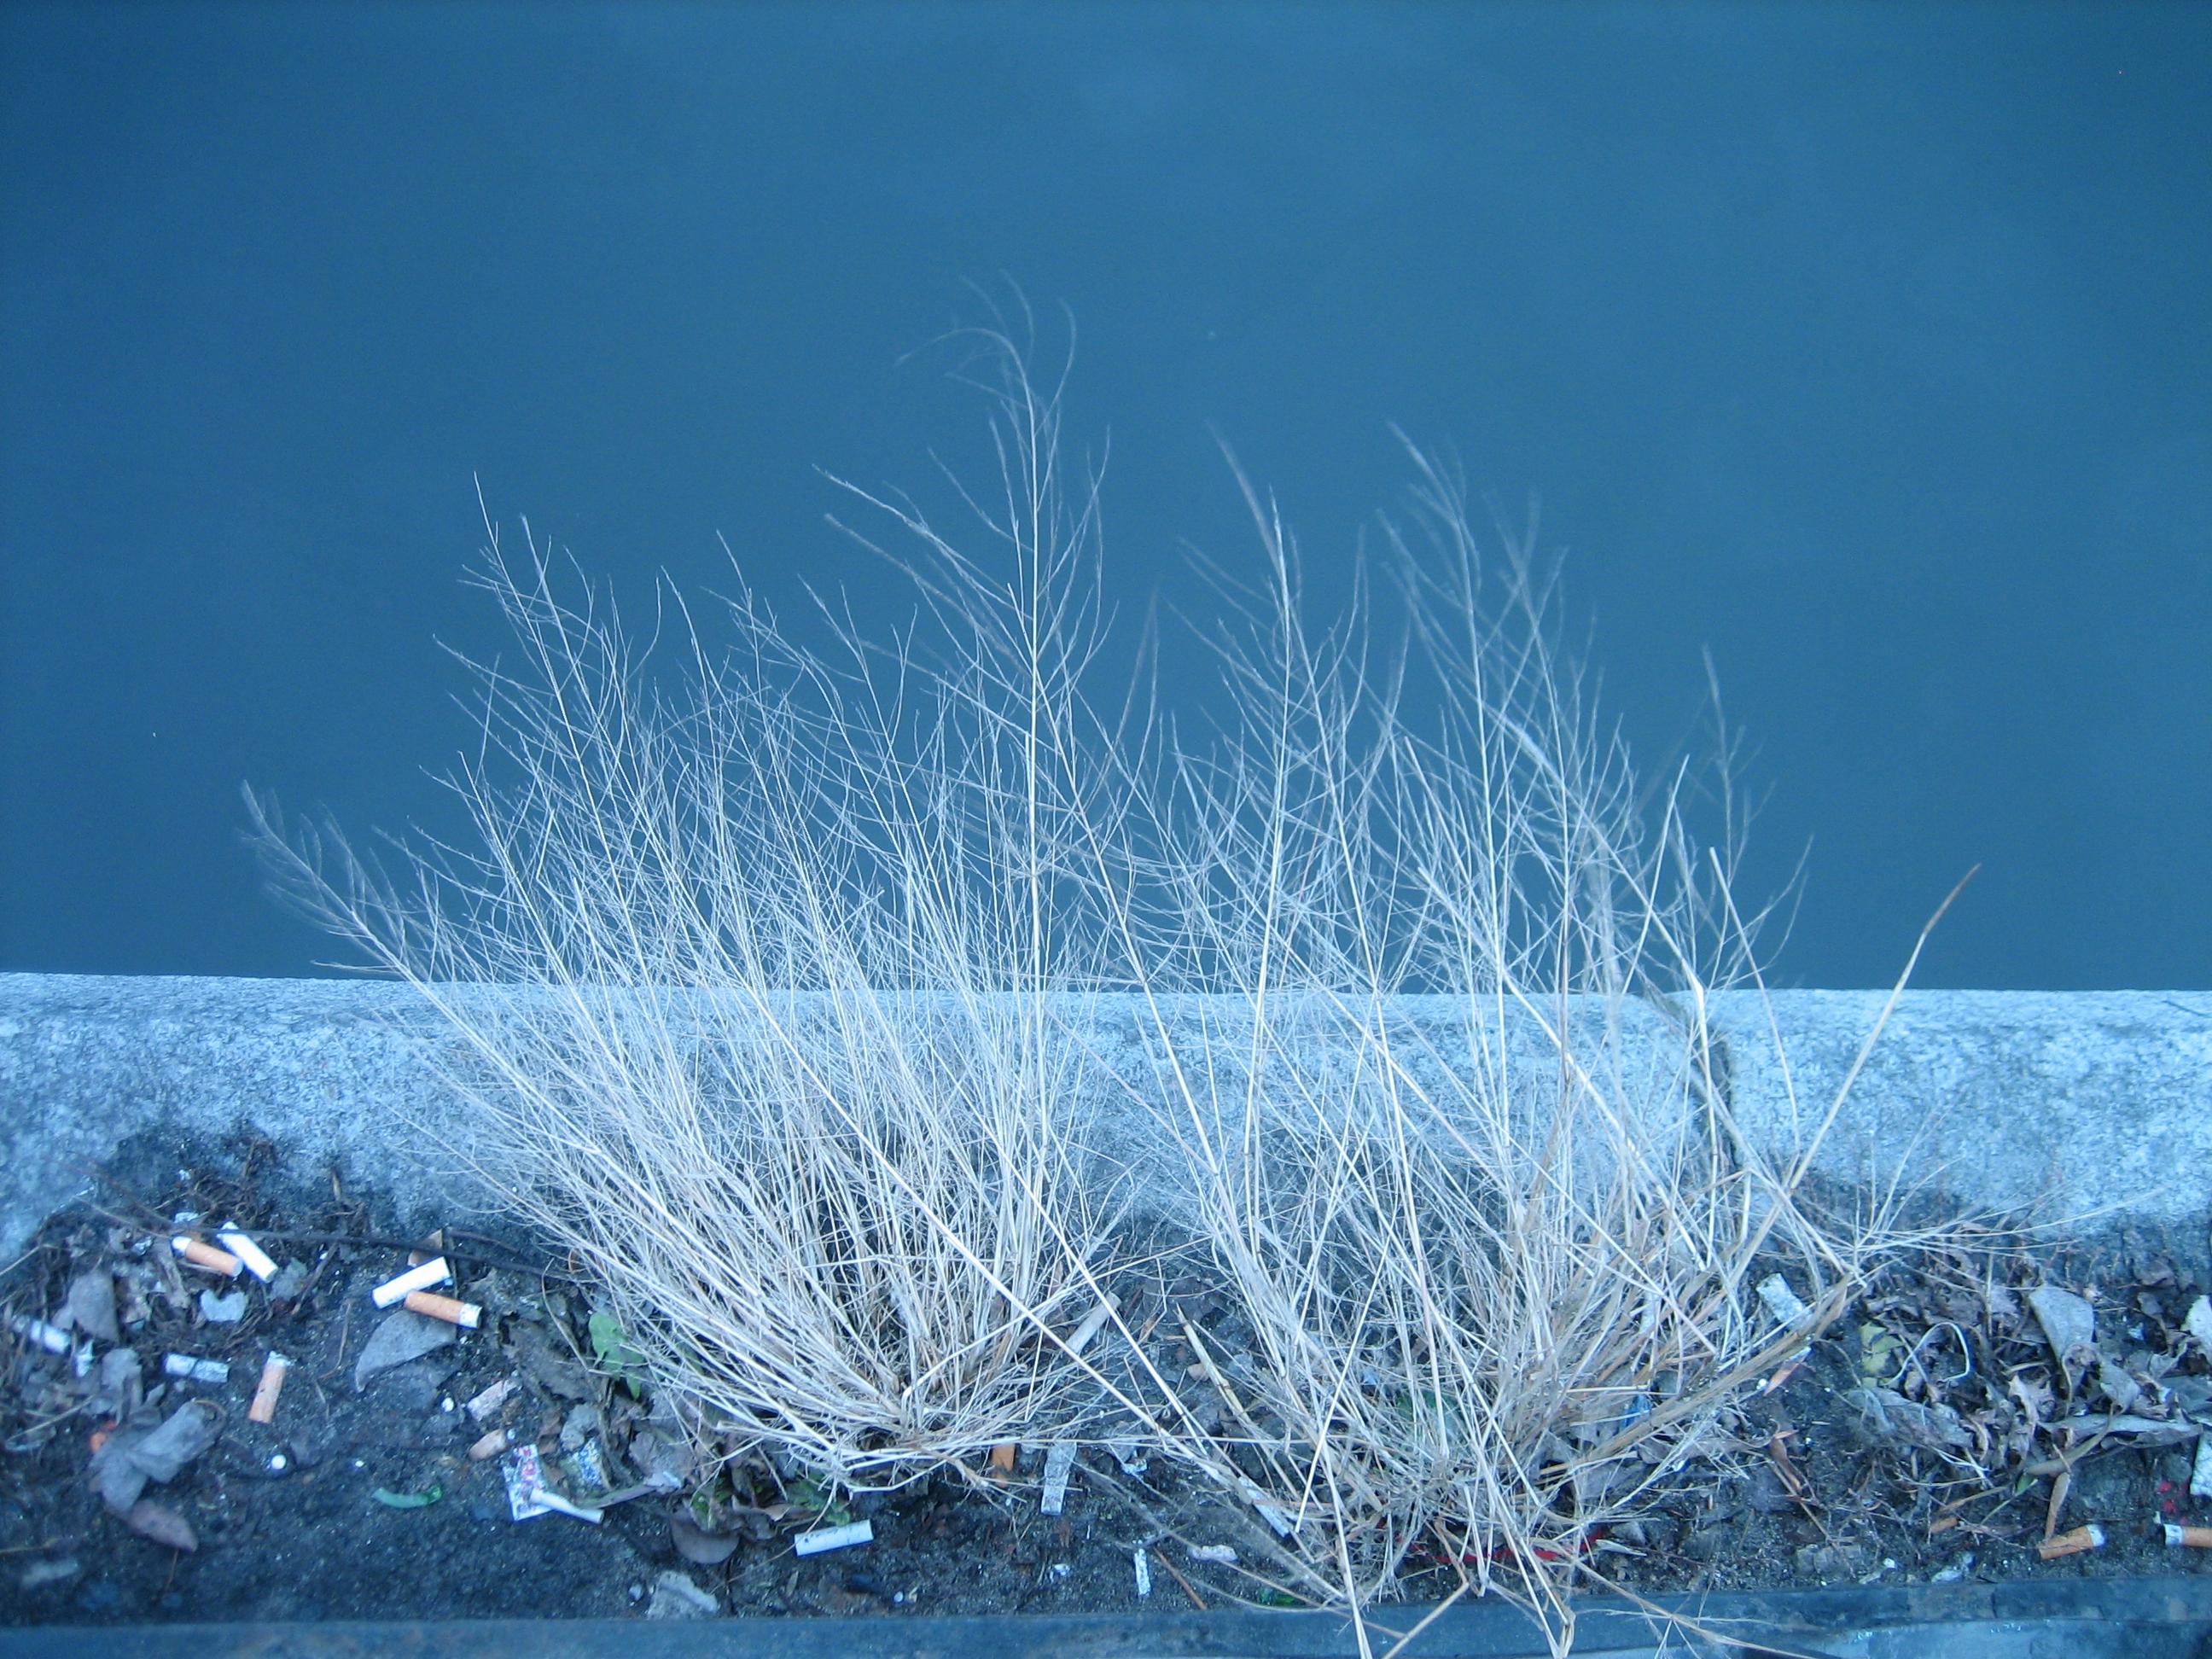 無料画像 コールド タバコ 自然 乾燥植物 フローズン 冬 憂鬱 ノスタルジックな 悲しい インスピレーション 芸術的 空 凍結 水 雪 霜 地球の雰囲気 氷 ブランチ 木 コンピュータの壁紙 草家 地平線 2592x1944 Lesia Pko